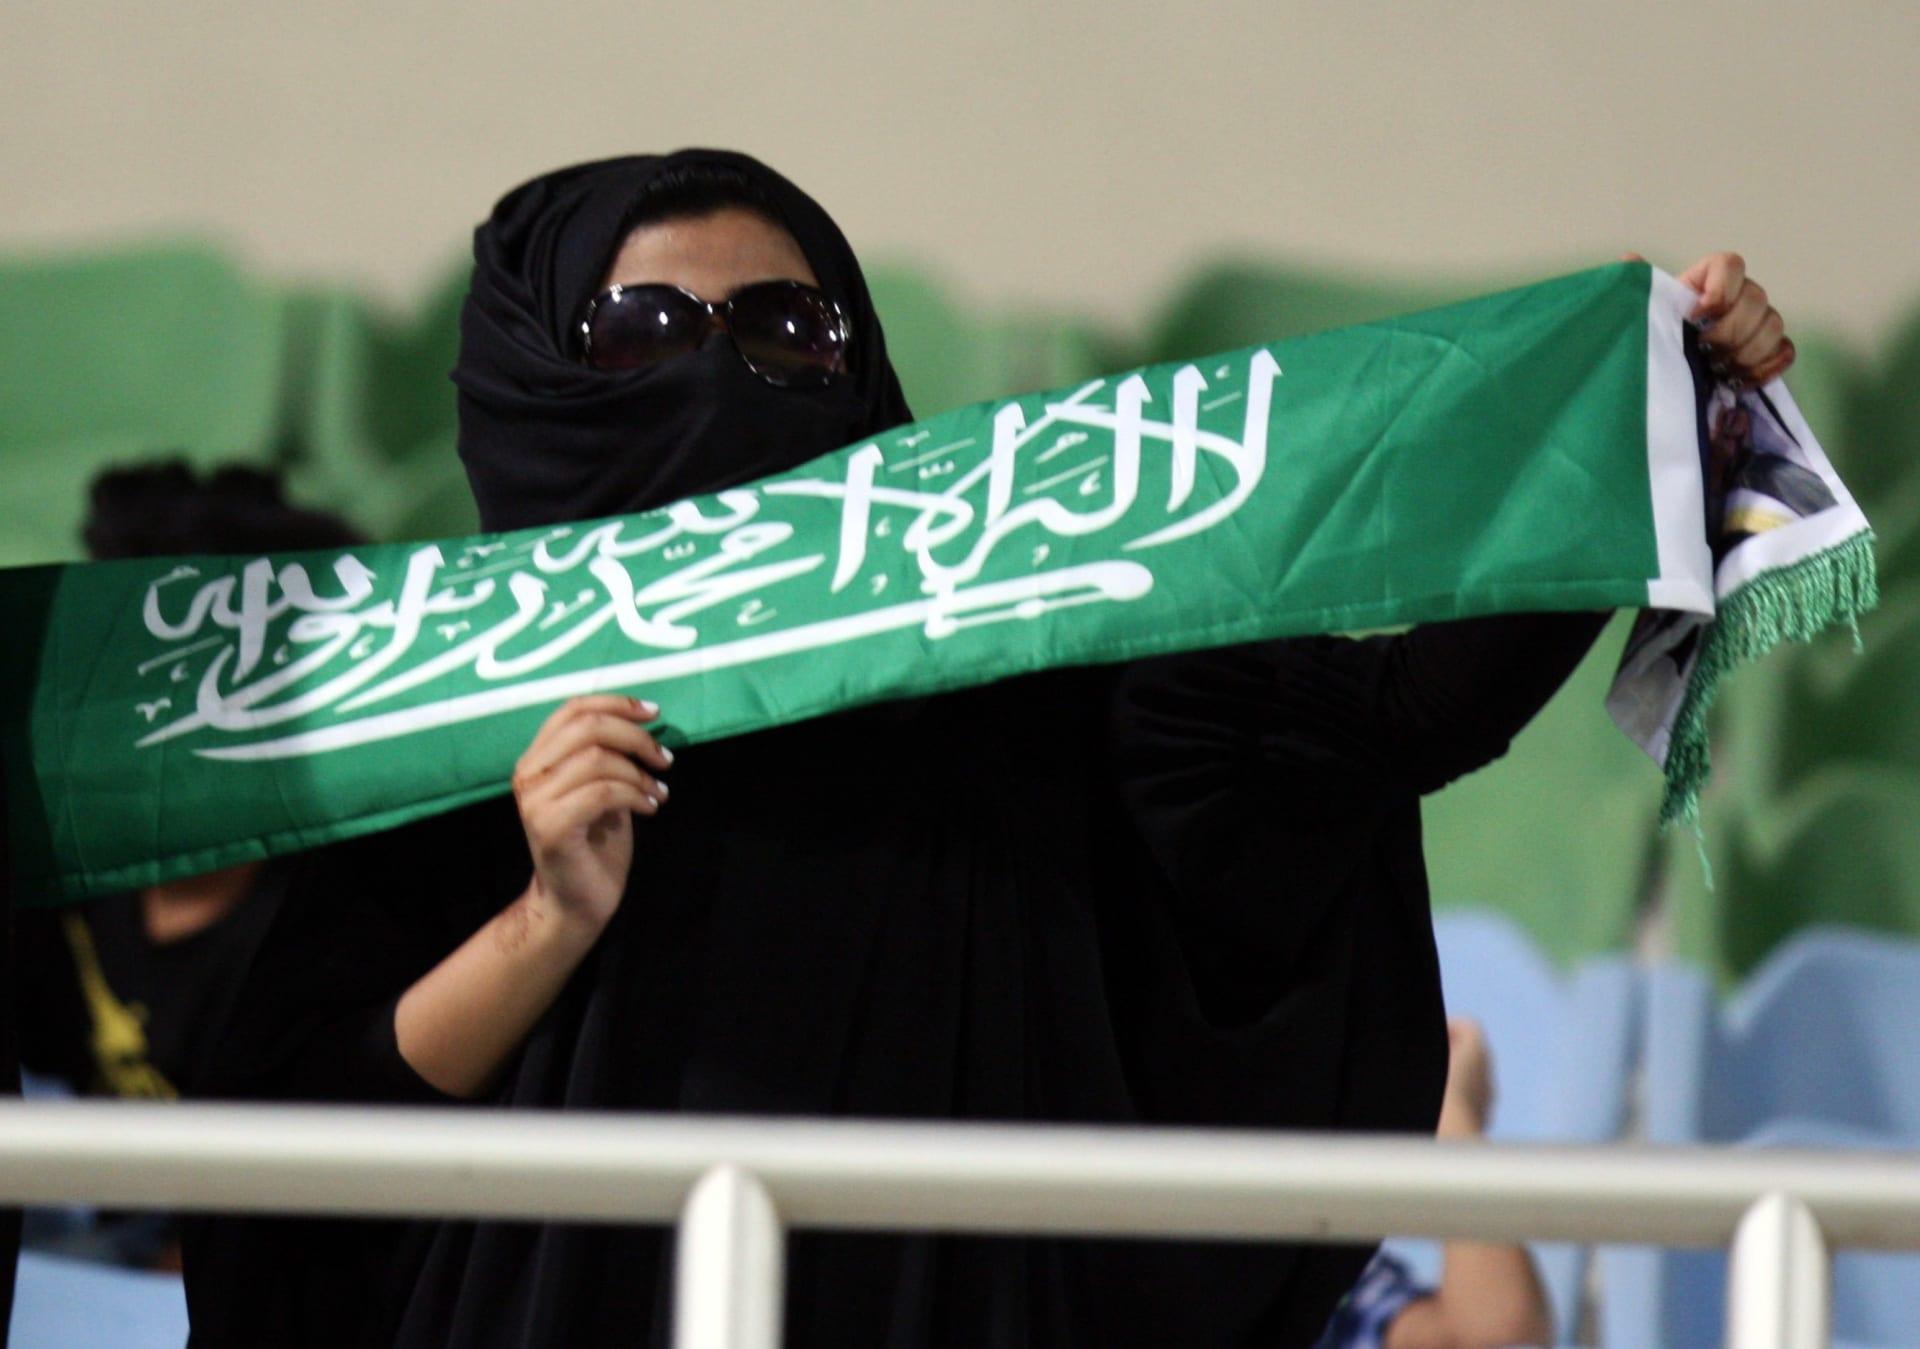 شاهد الصور الأولى لدخول العائلات إلى ملعب الملك عبد الله في جدة